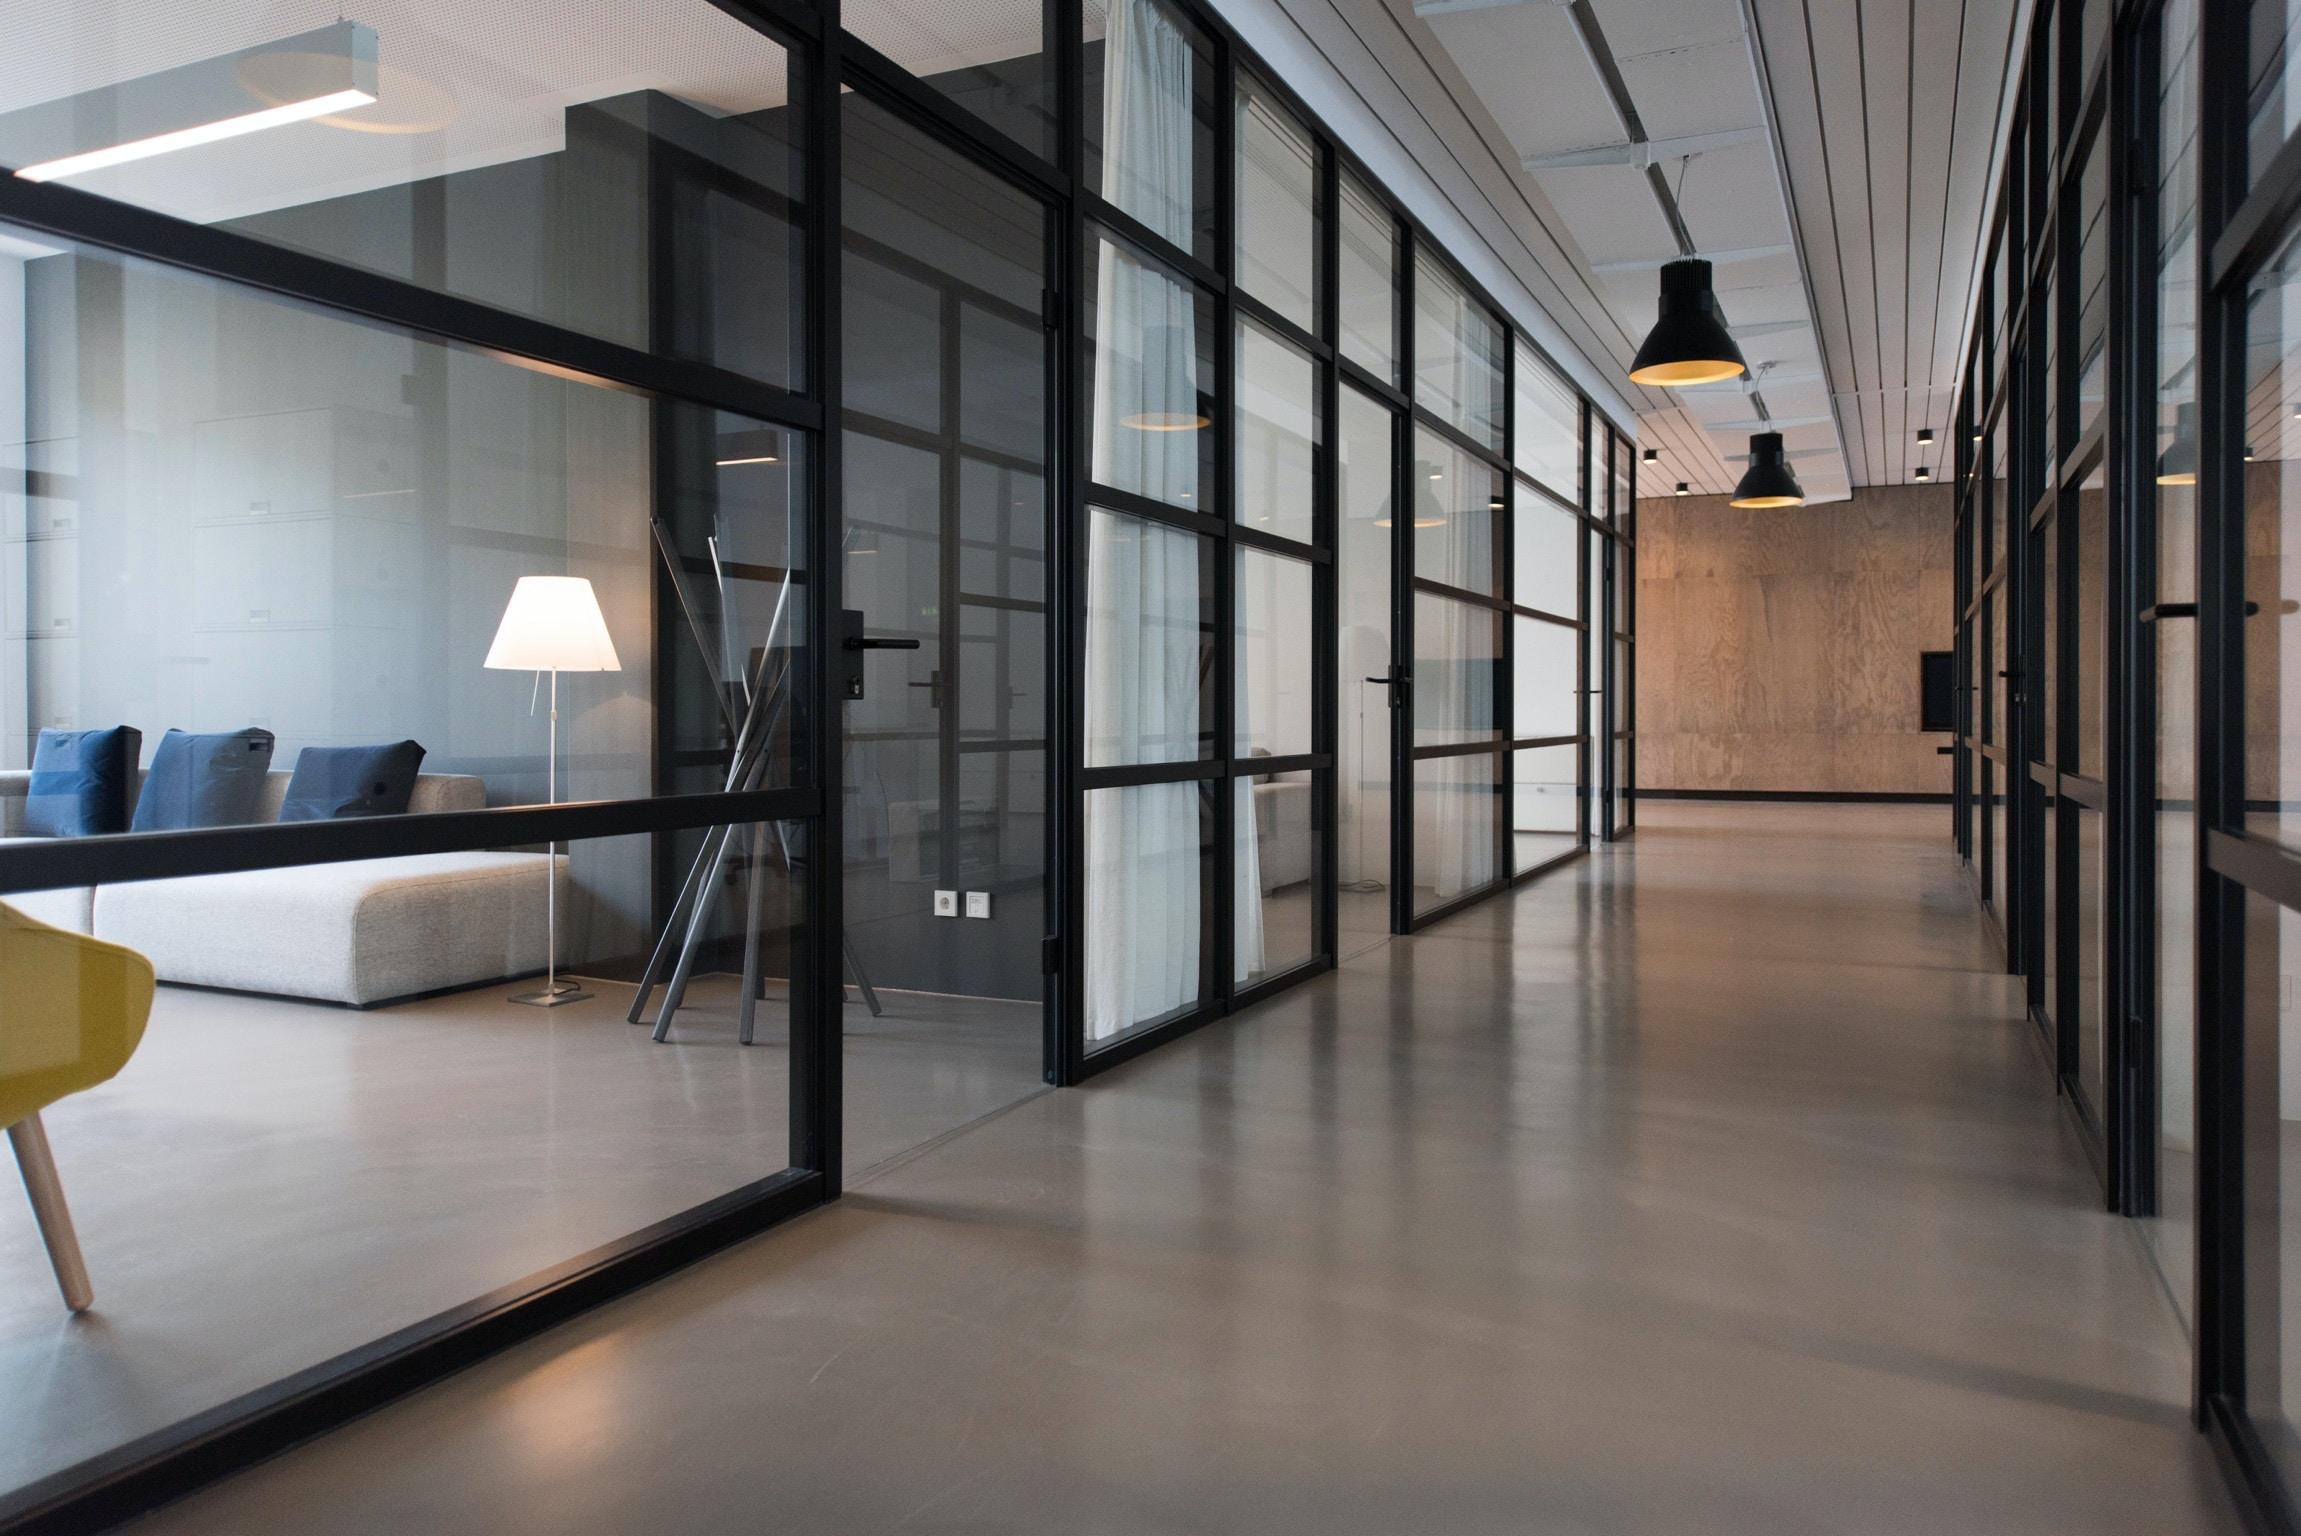 office hallway. Hallway Between Glass-panel Doors Office D